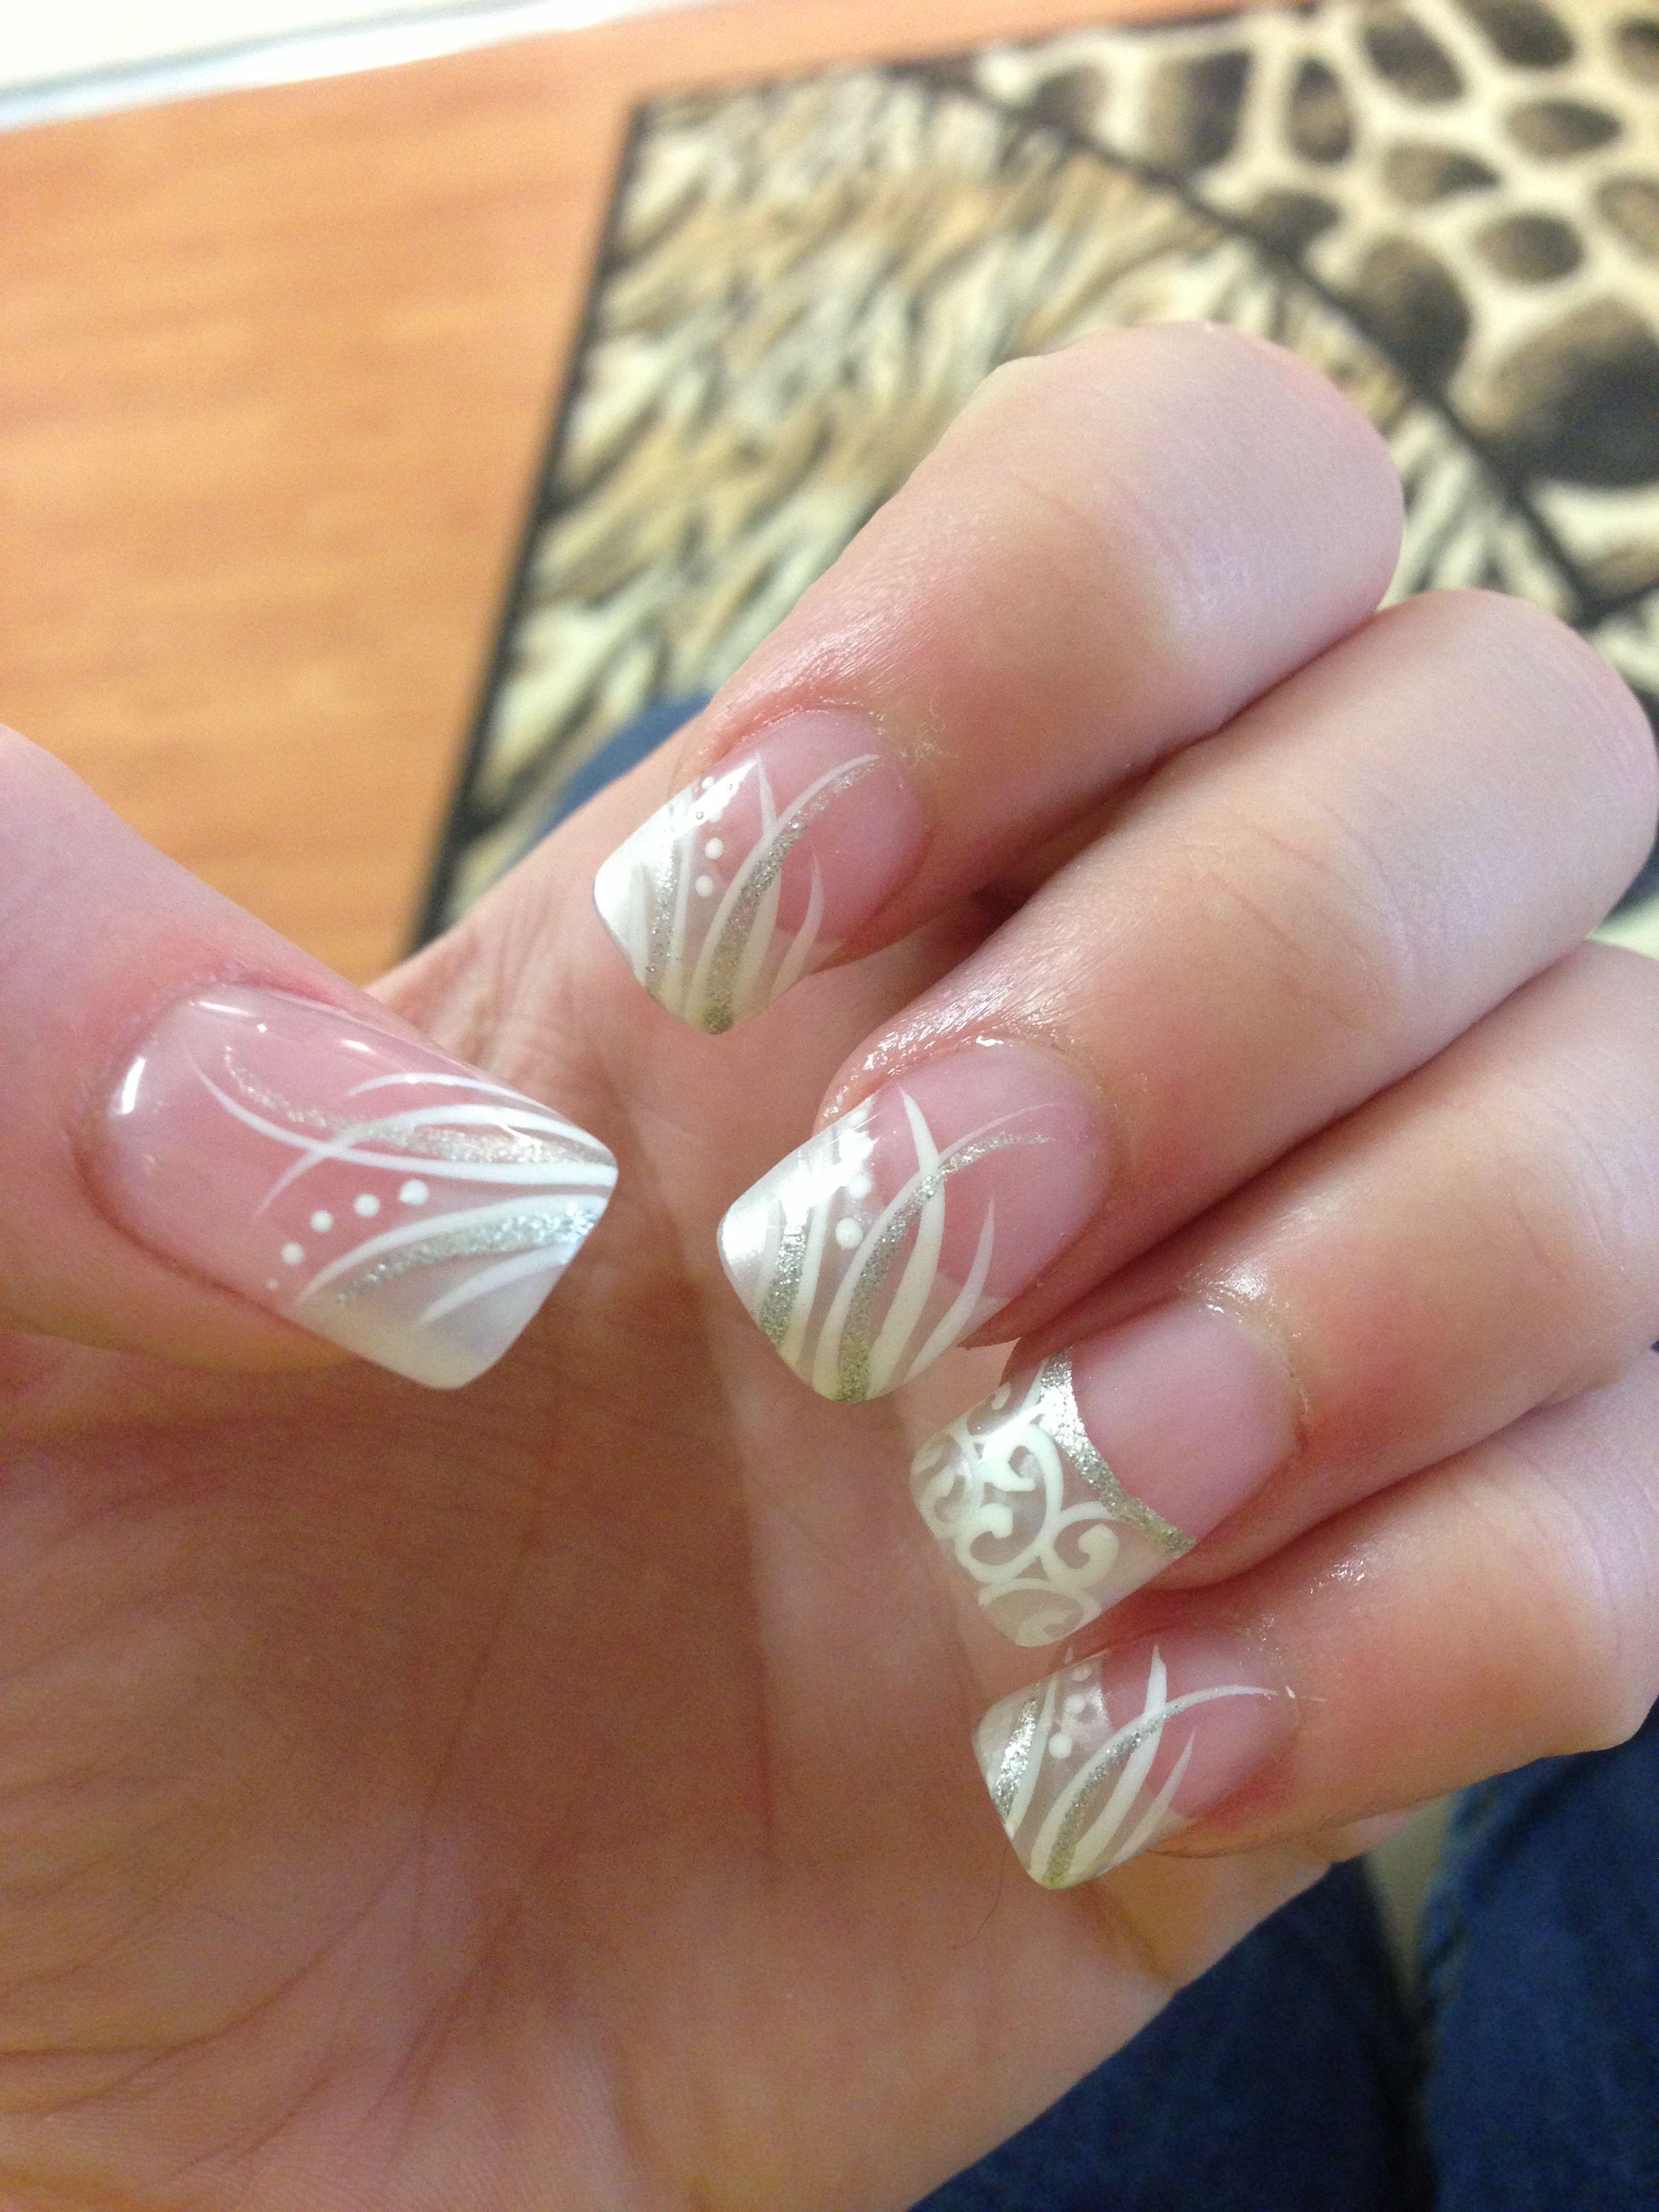 My Wedding Nails Nails Pinterest Nails Nail Art And Nail